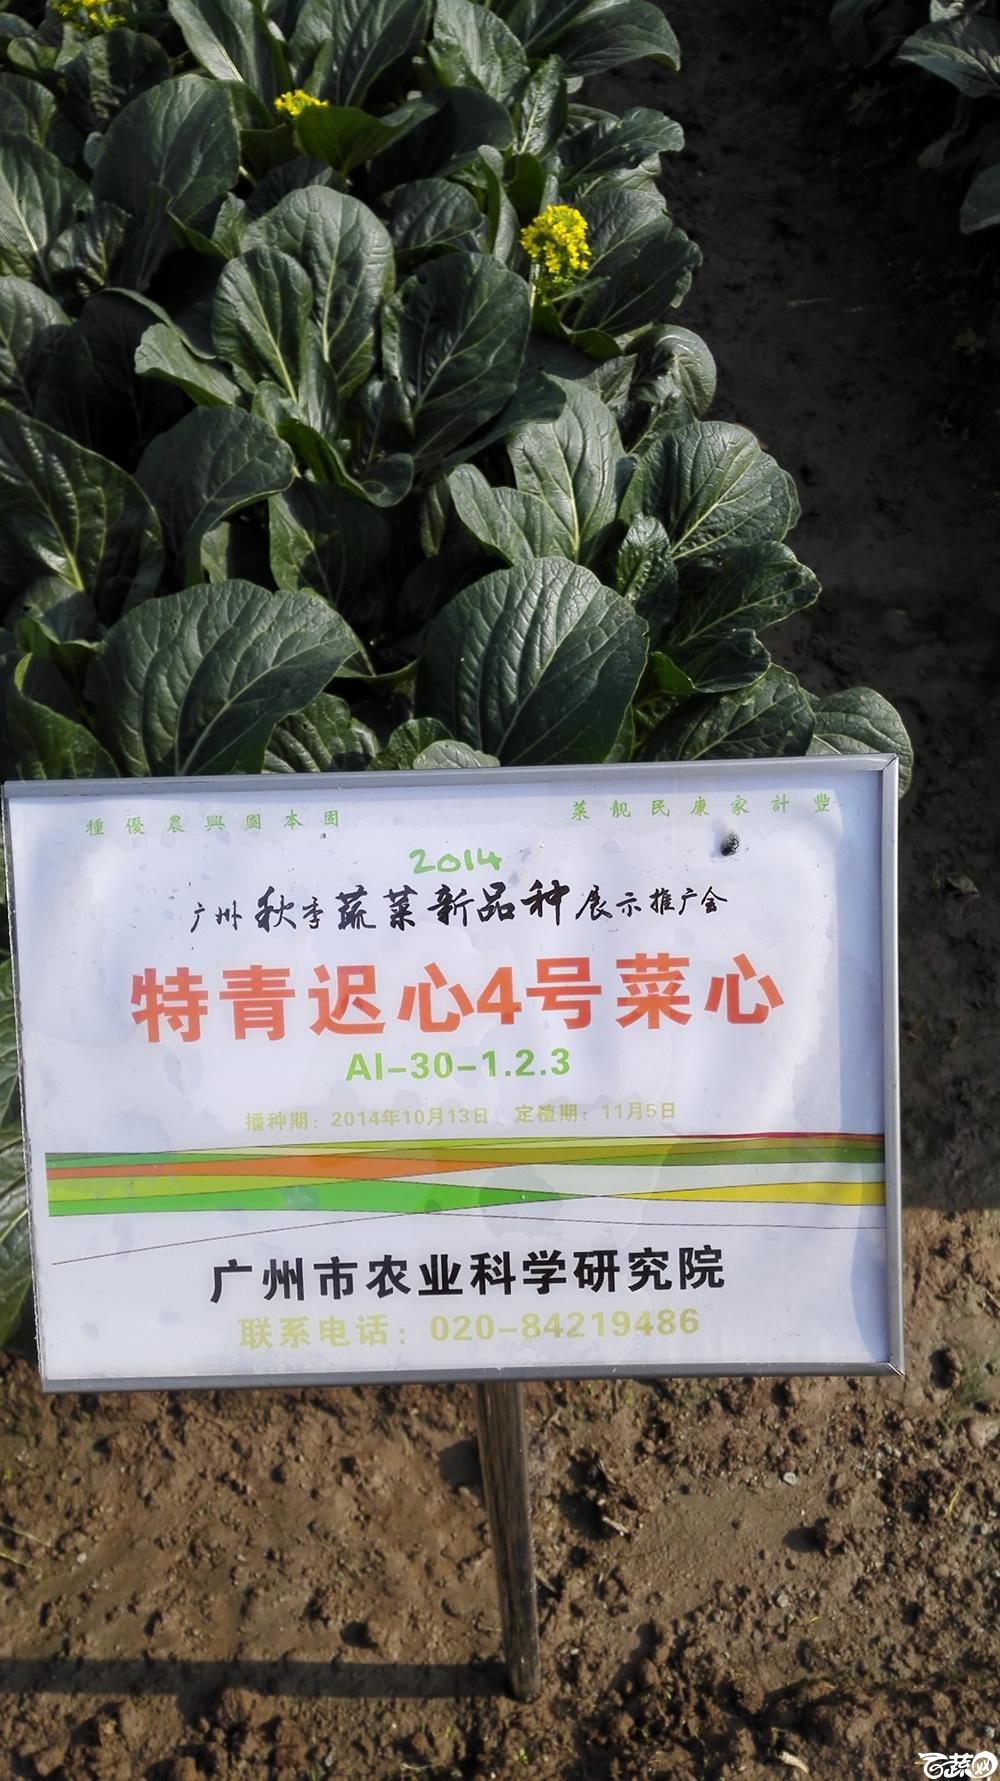 2014年12月10号广州市农科院南沙秋季蔬菜新品种展示会_叶菜_105.jpg